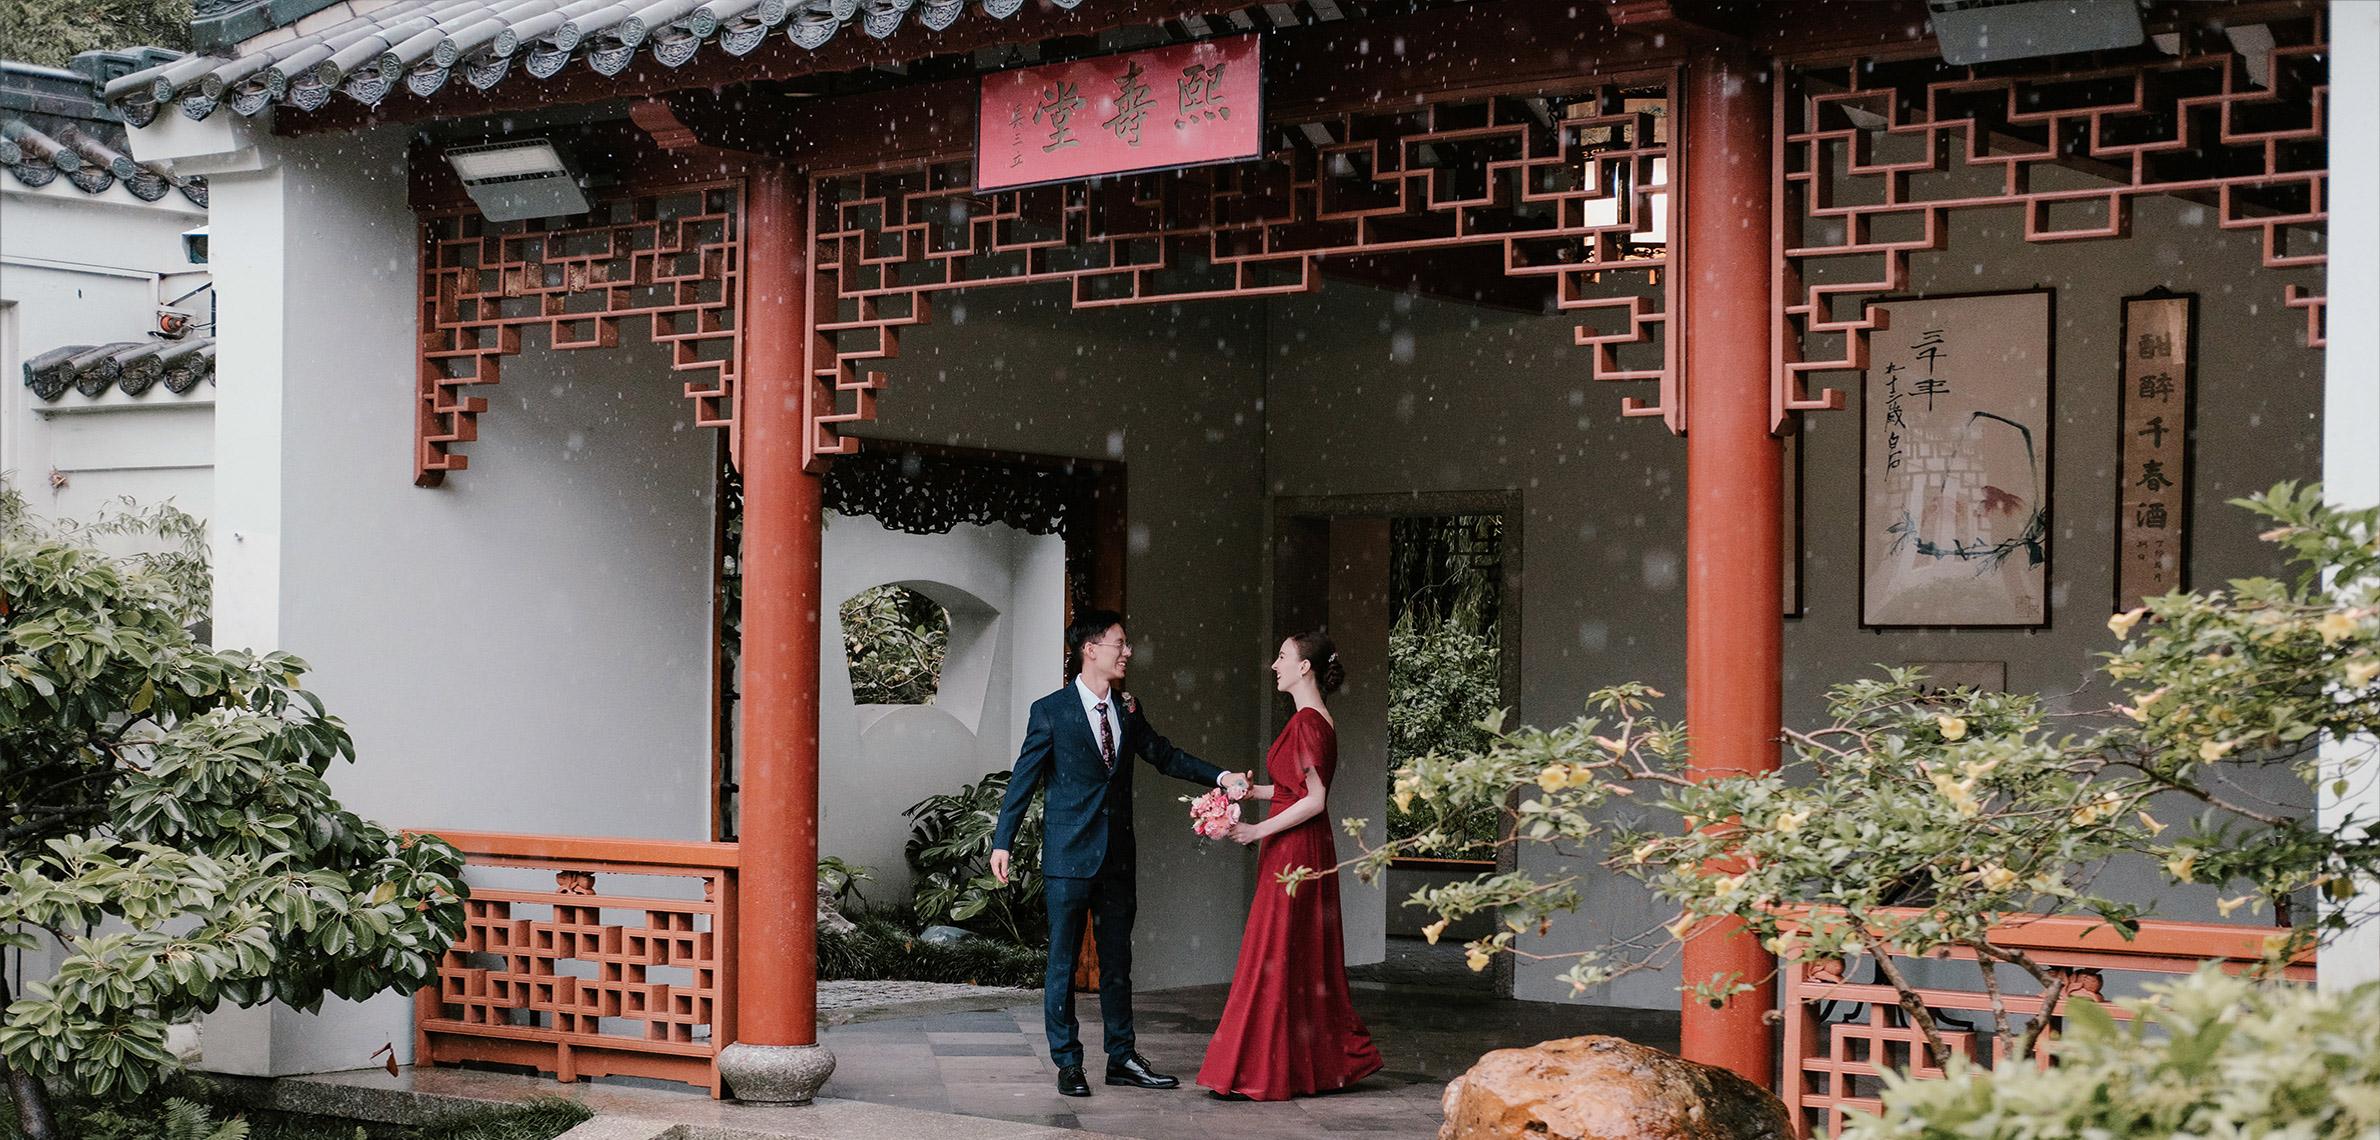 悉尼婚纱摄影 悉尼婚纱旅拍 悉尼婚礼拍摄